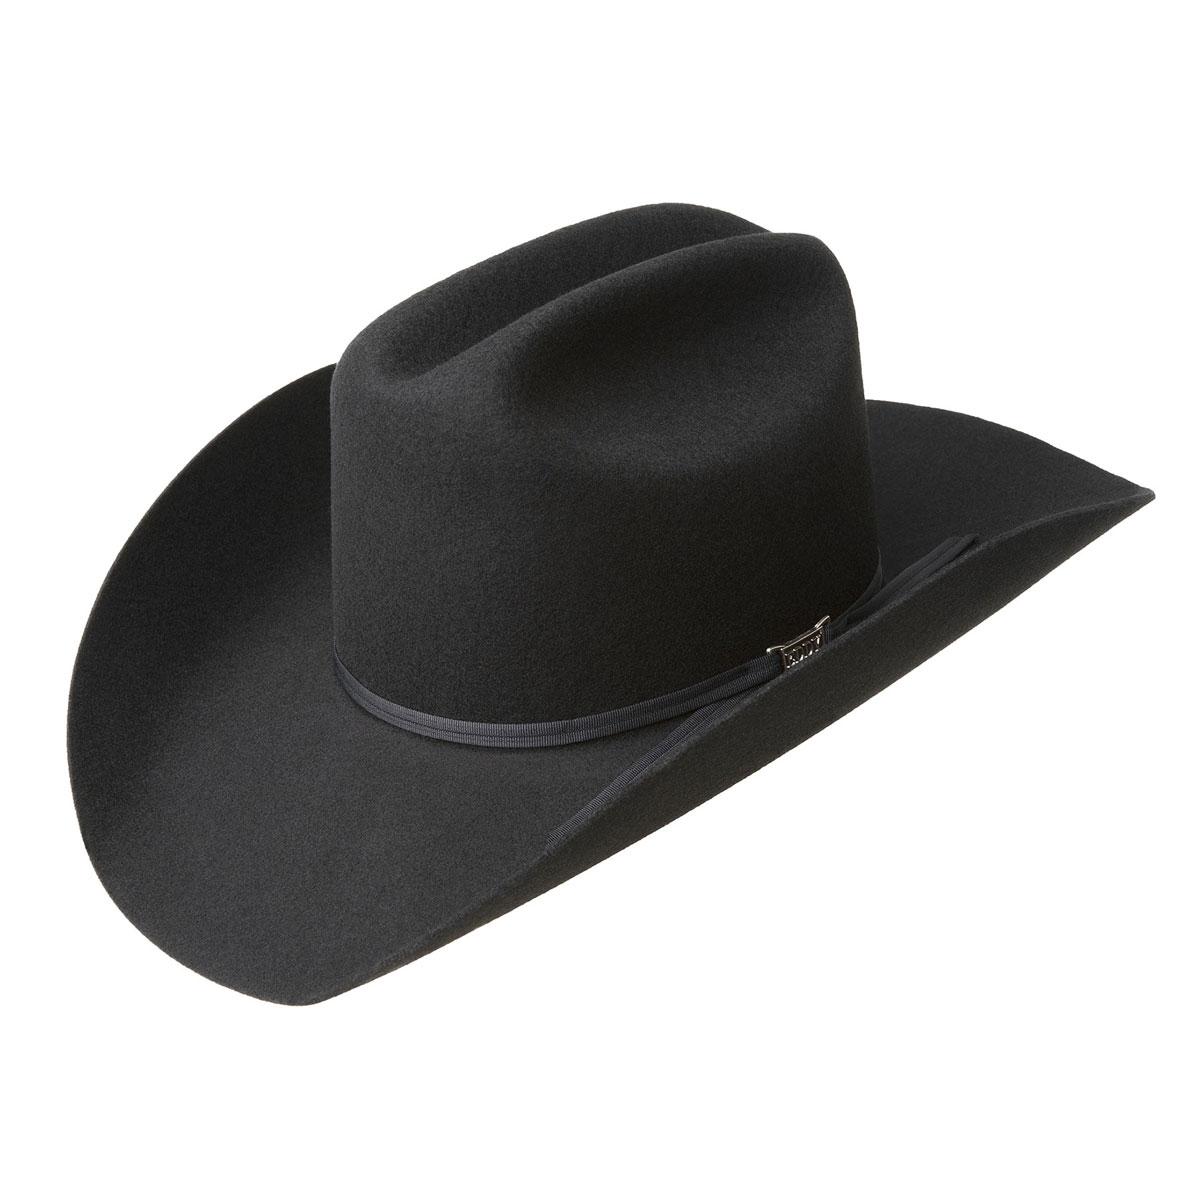 Eddy Bros. Eddy Bros. Bandit Western Hat in Black